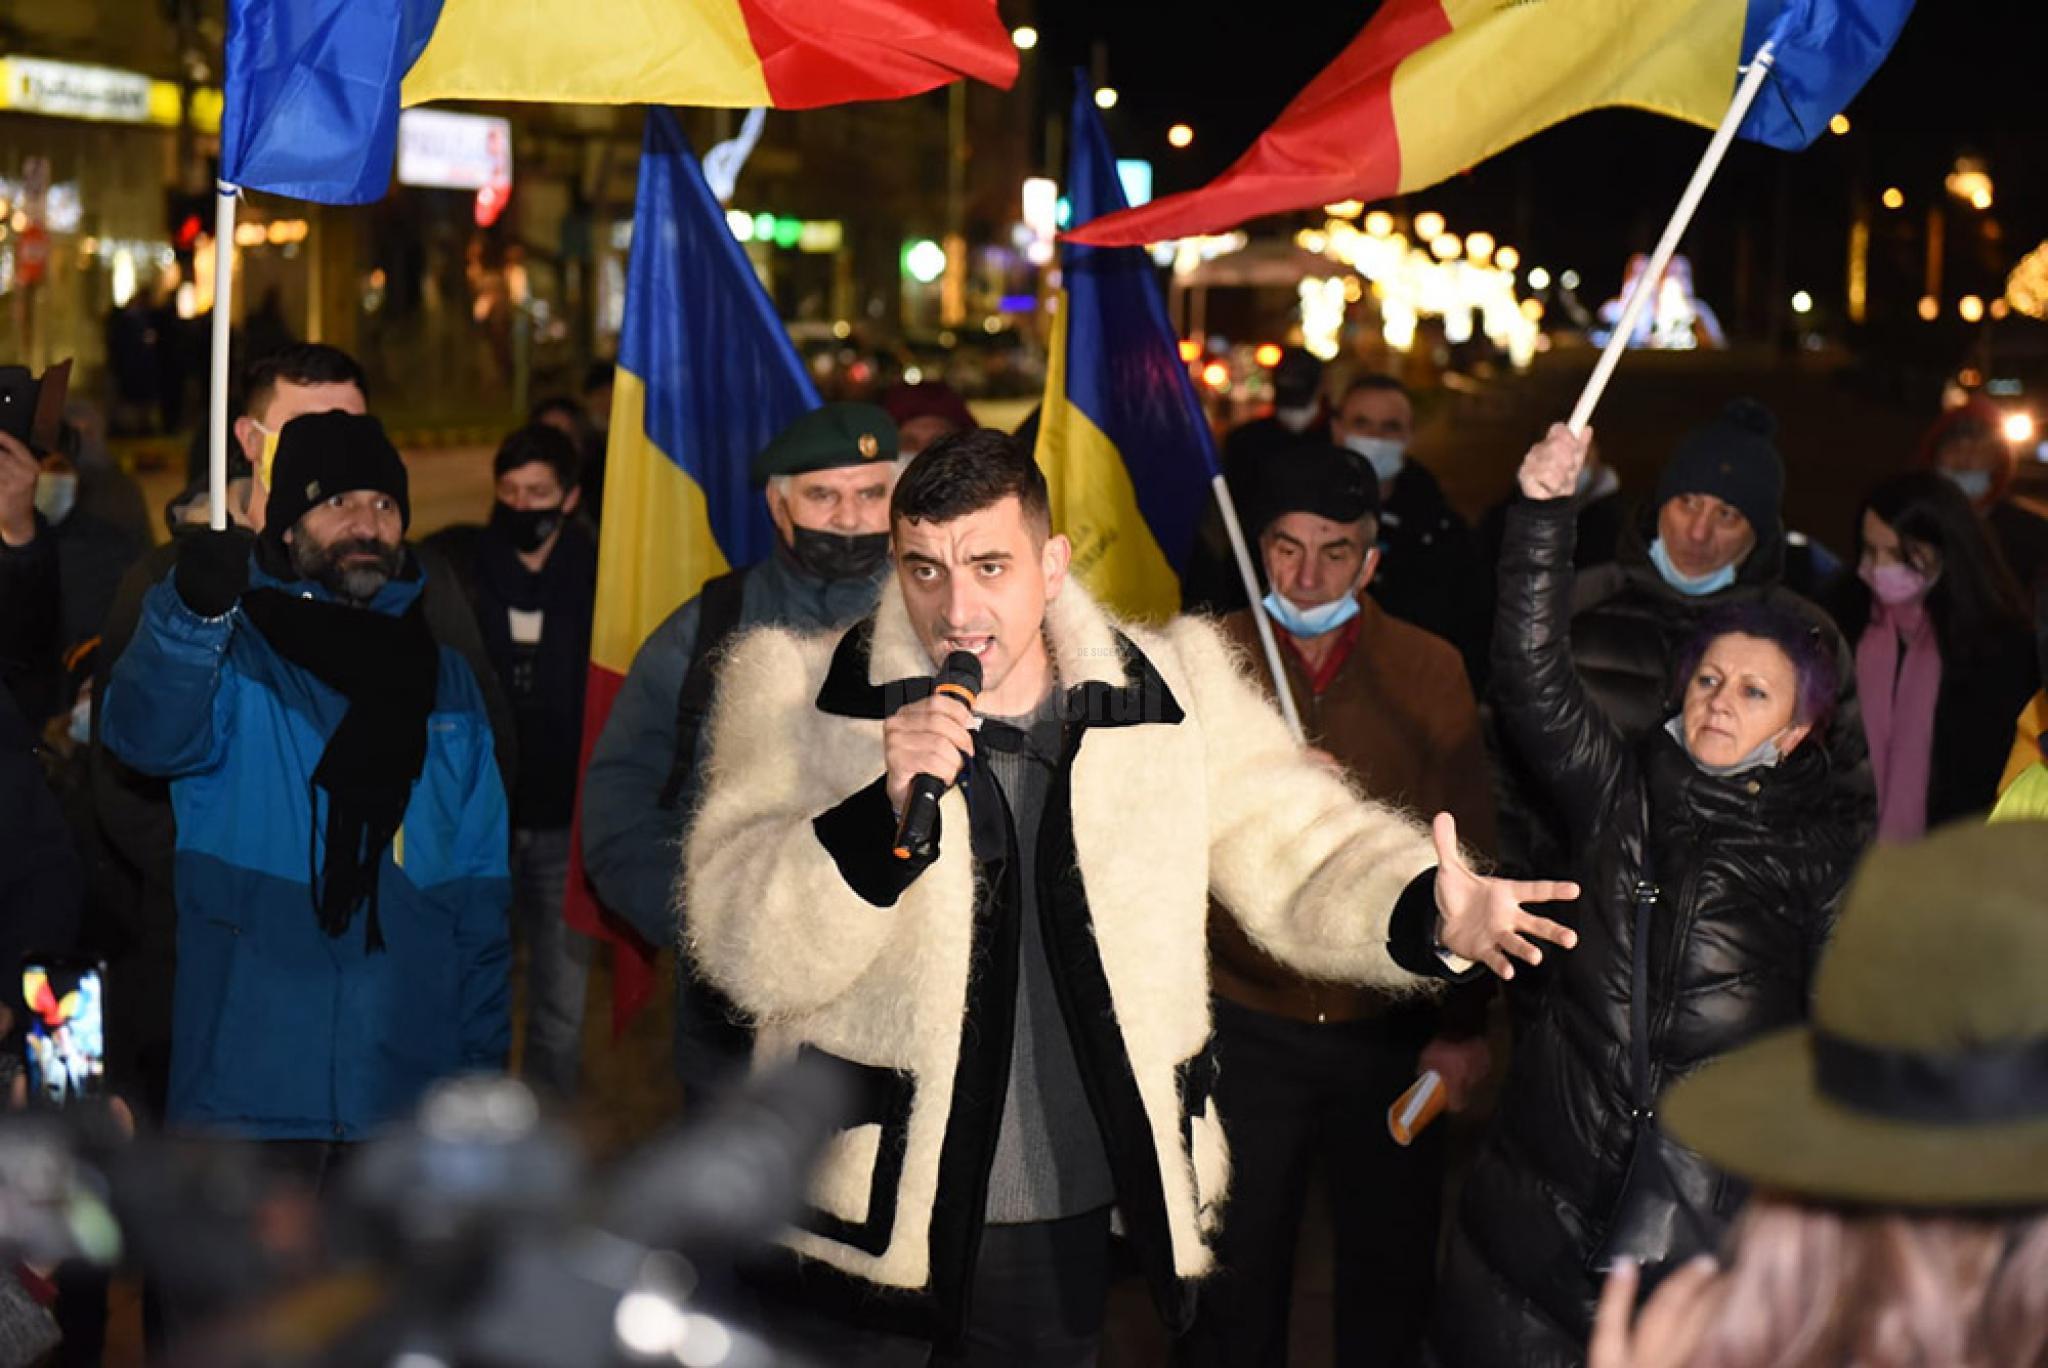 Ca un haiduc in suman co presedintele AUR George Simion si a electrizat simpatizantii din Suceava